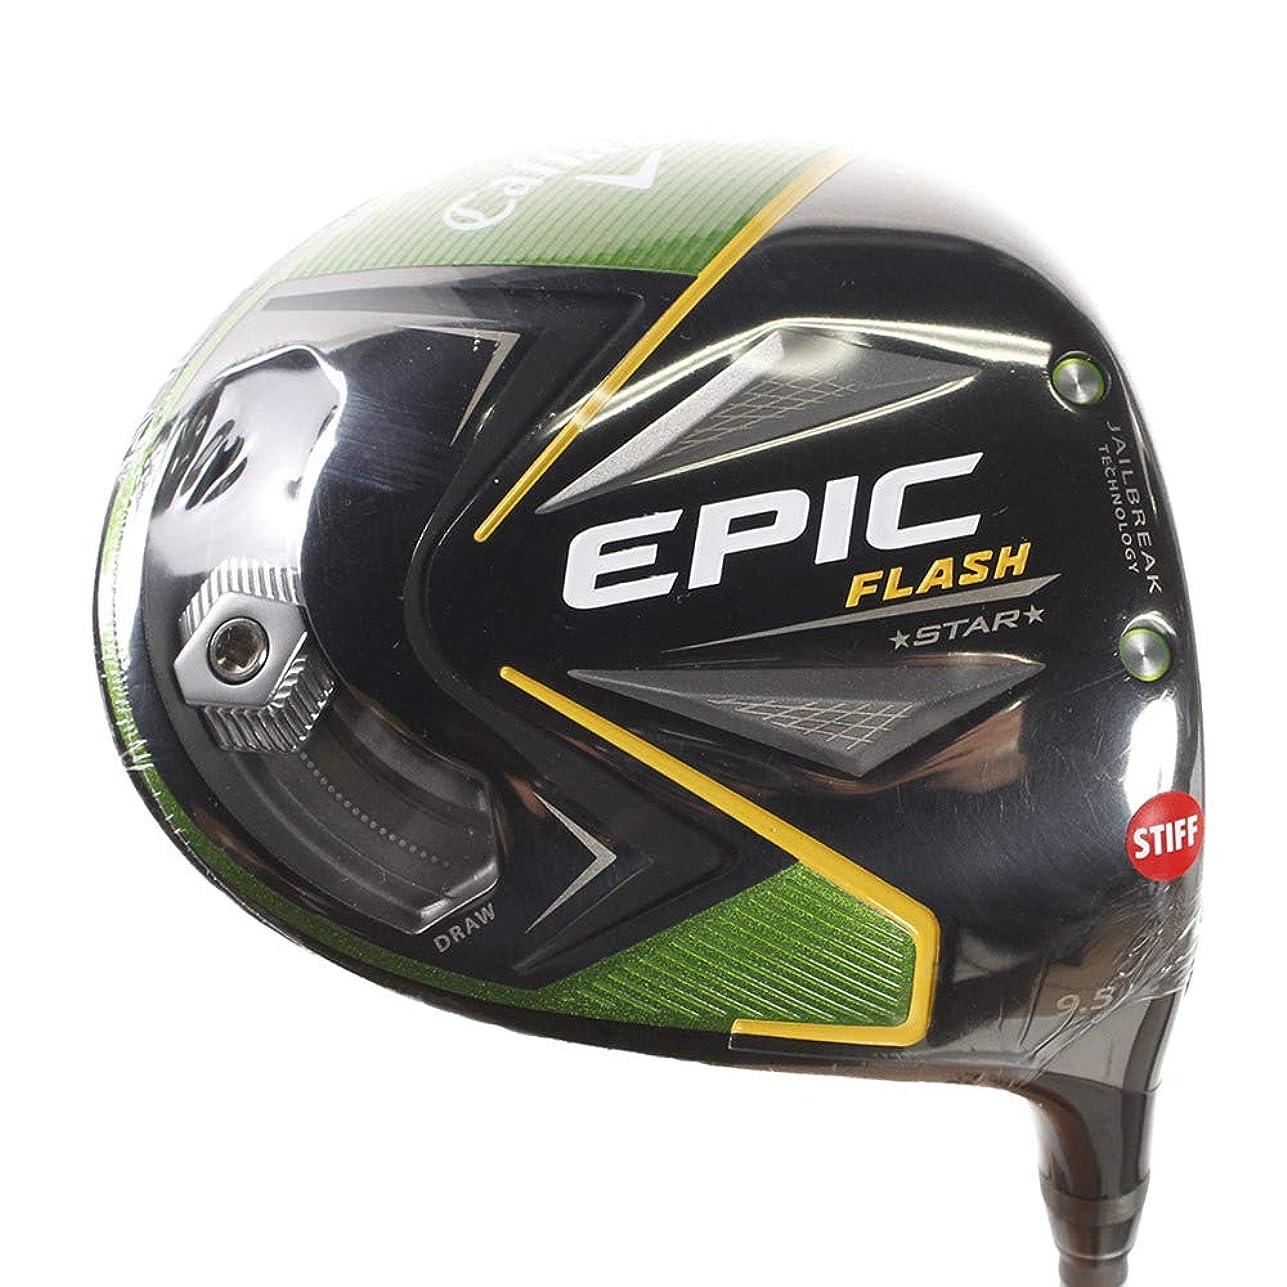 練習したとまり木船尾Callaway(キャロウェイ) EPIC FLASH STAR (エピック フラッシュ スター) ドライバー Speeder EVOLUTION for Callaway カーボンシャフト メンズ ゴルフクラブ 右利き用